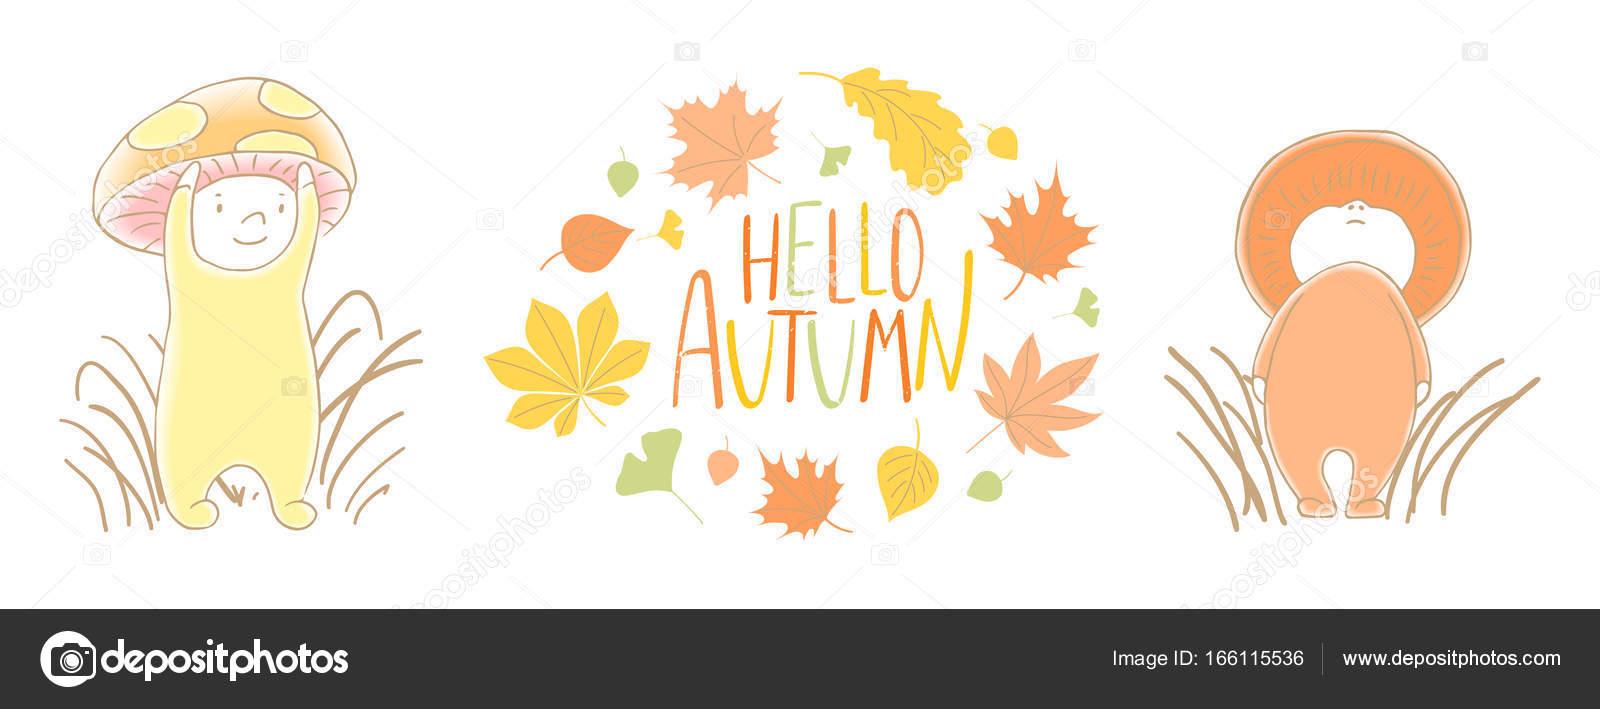 かわいい秋キノコの葉と引用 ストックベクター Mariaskrigan 166115536